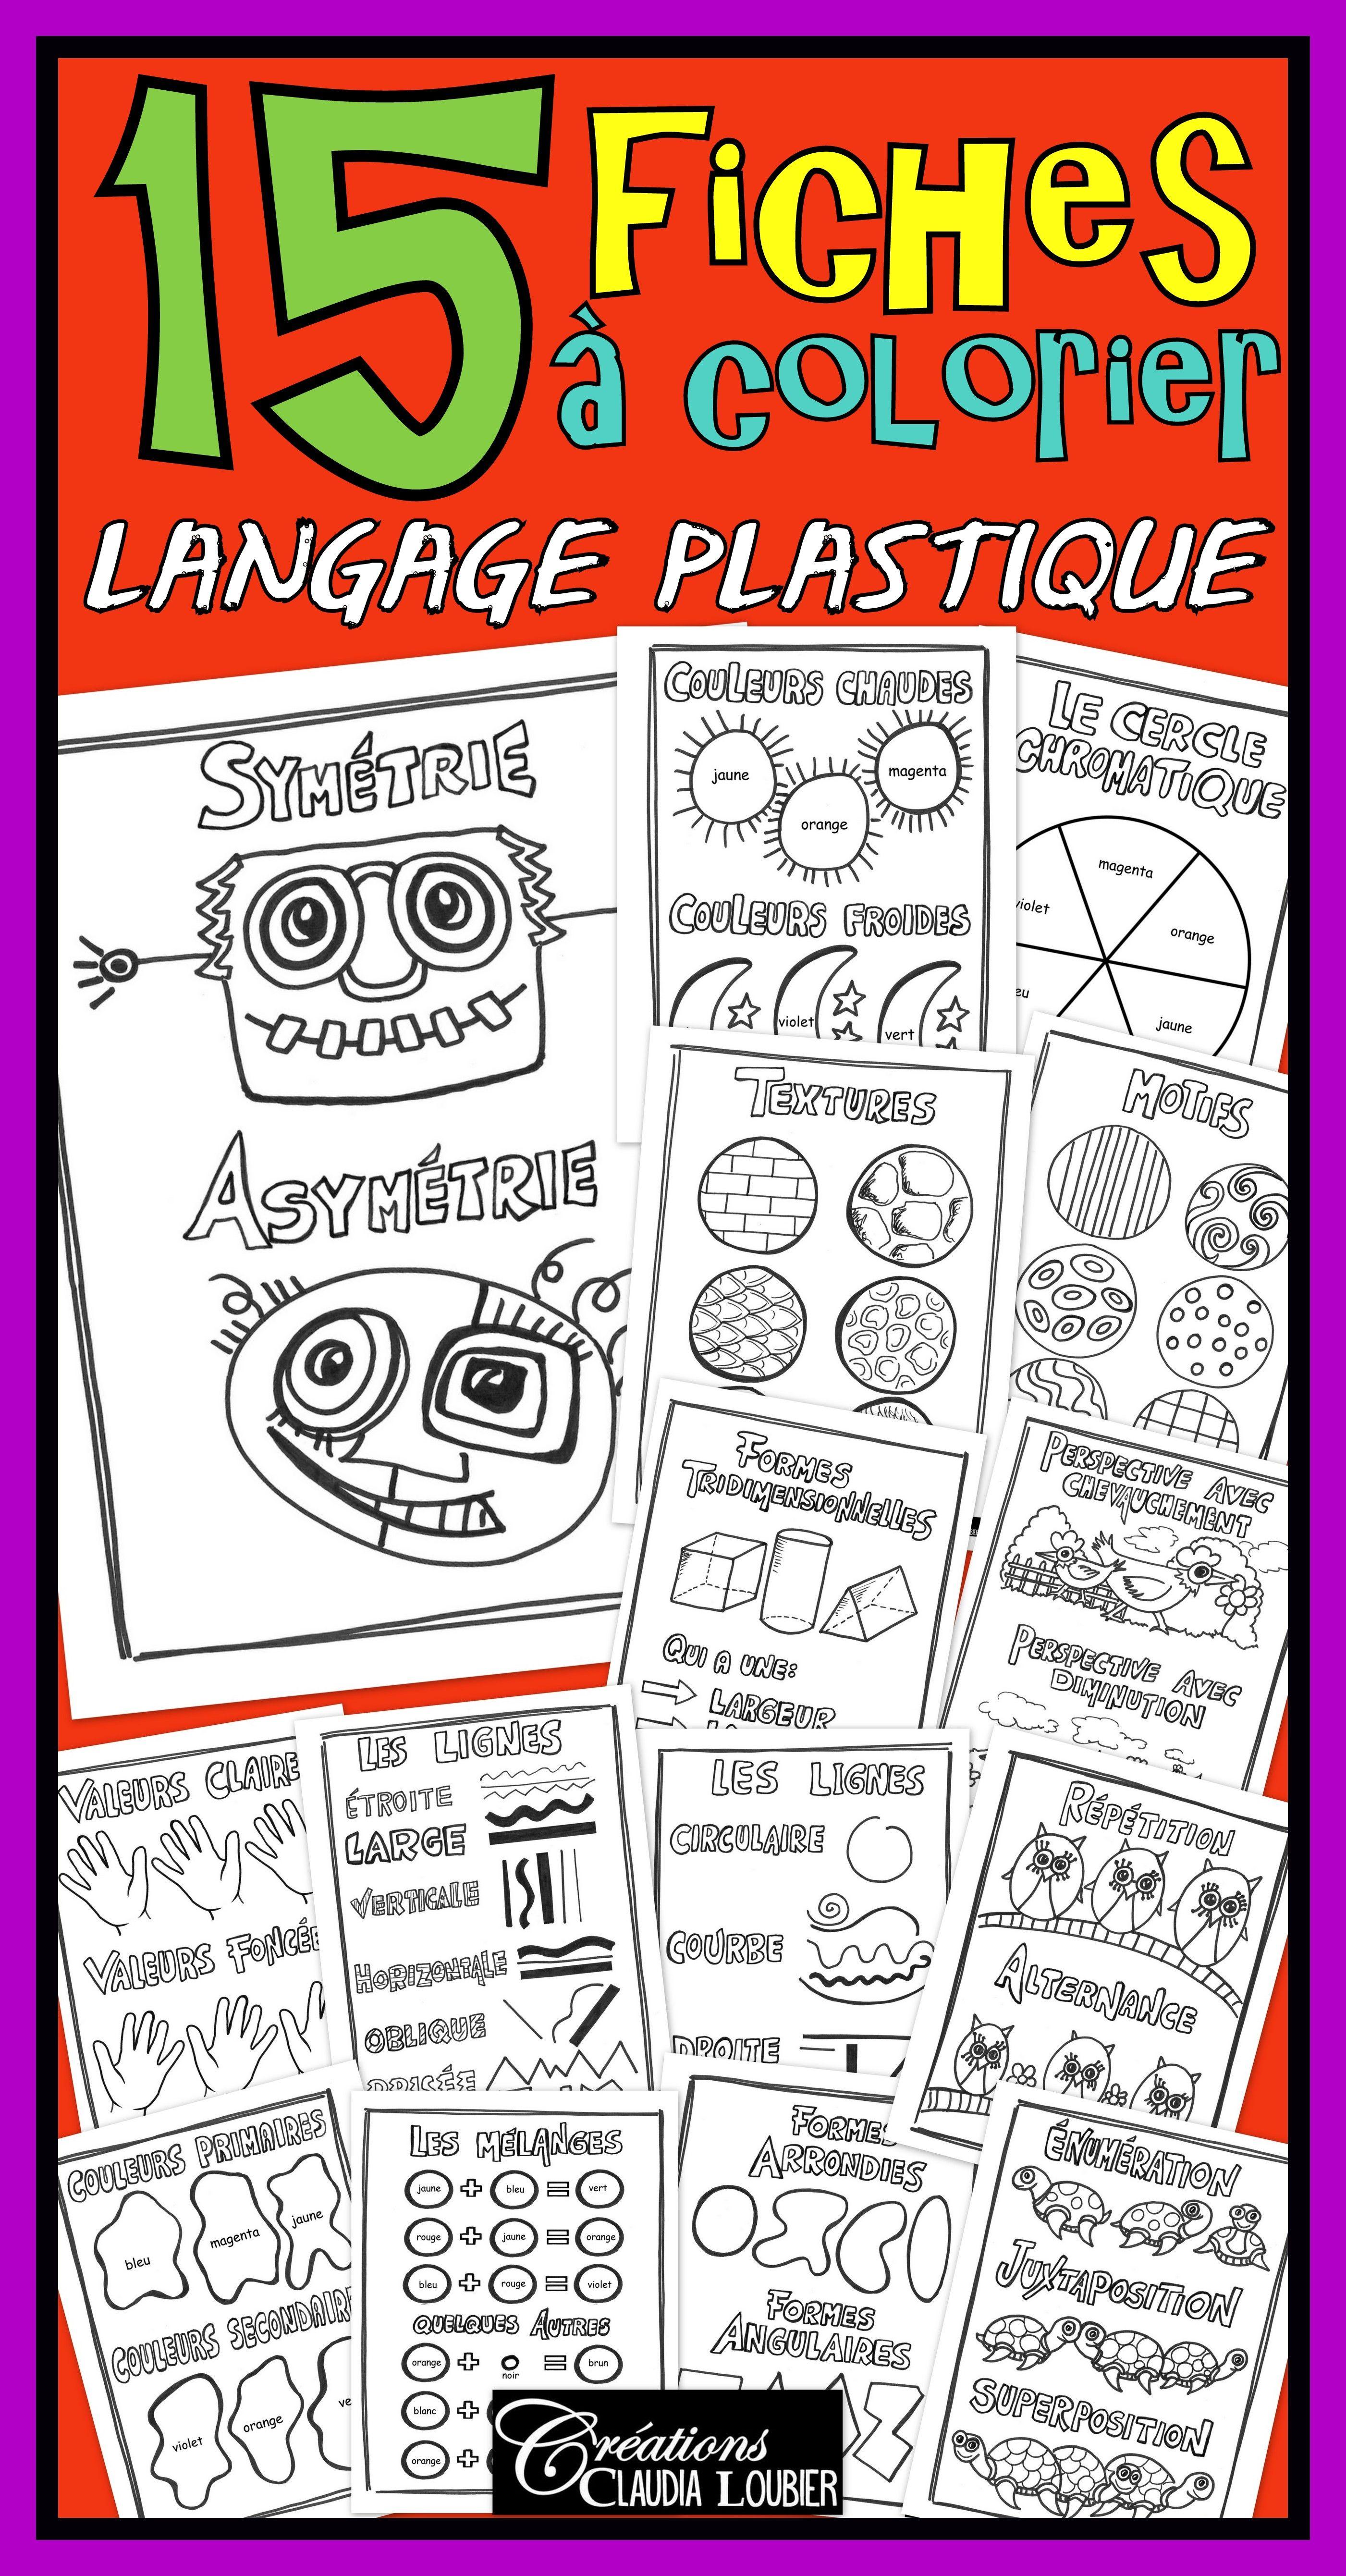 Bonjour ! Voici un ensemble de 15 fiches à colorier. Elles font suite aux affiches en couleurs du langage plastique: Les affiches couleurs et le fiches à colorier sont aussi disponibles en 1 seul document: Ces fiches peuvent être photocopiées et distribuées aux élèves pour leur portfolio. Elles peuvent aussi servir à occuper les élèves qui terminent plus rapidement. Certaines fiches sont en double. La deuxième fiche contient le nom des couleurs à ajouter. Imprimer, colorier !